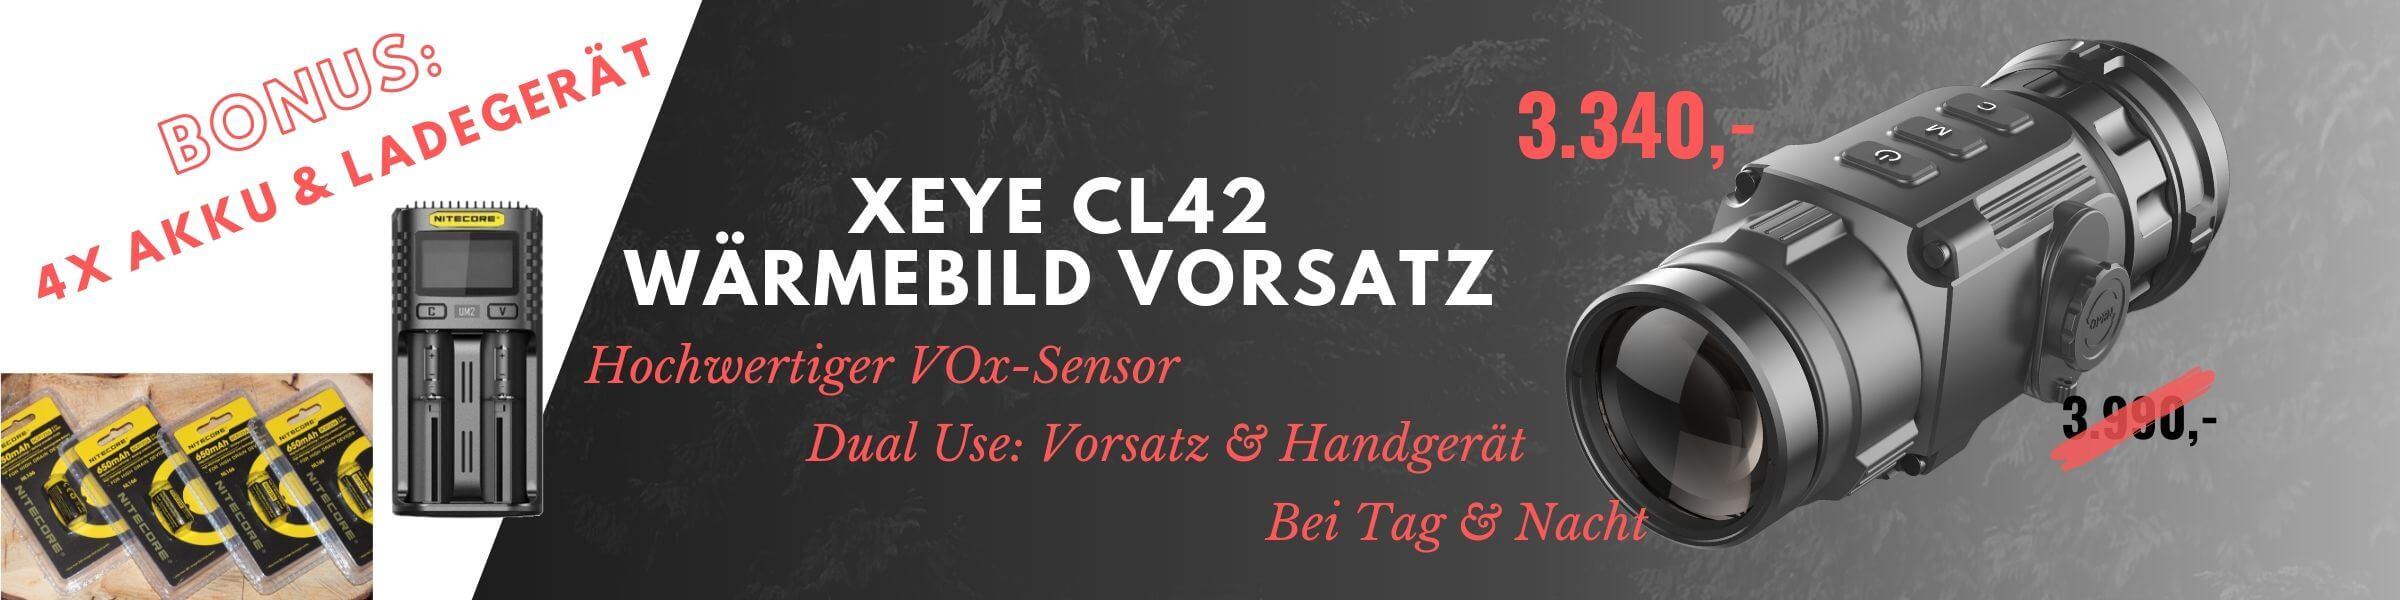 Angebot Juli 2020 - CL42 von Xeye